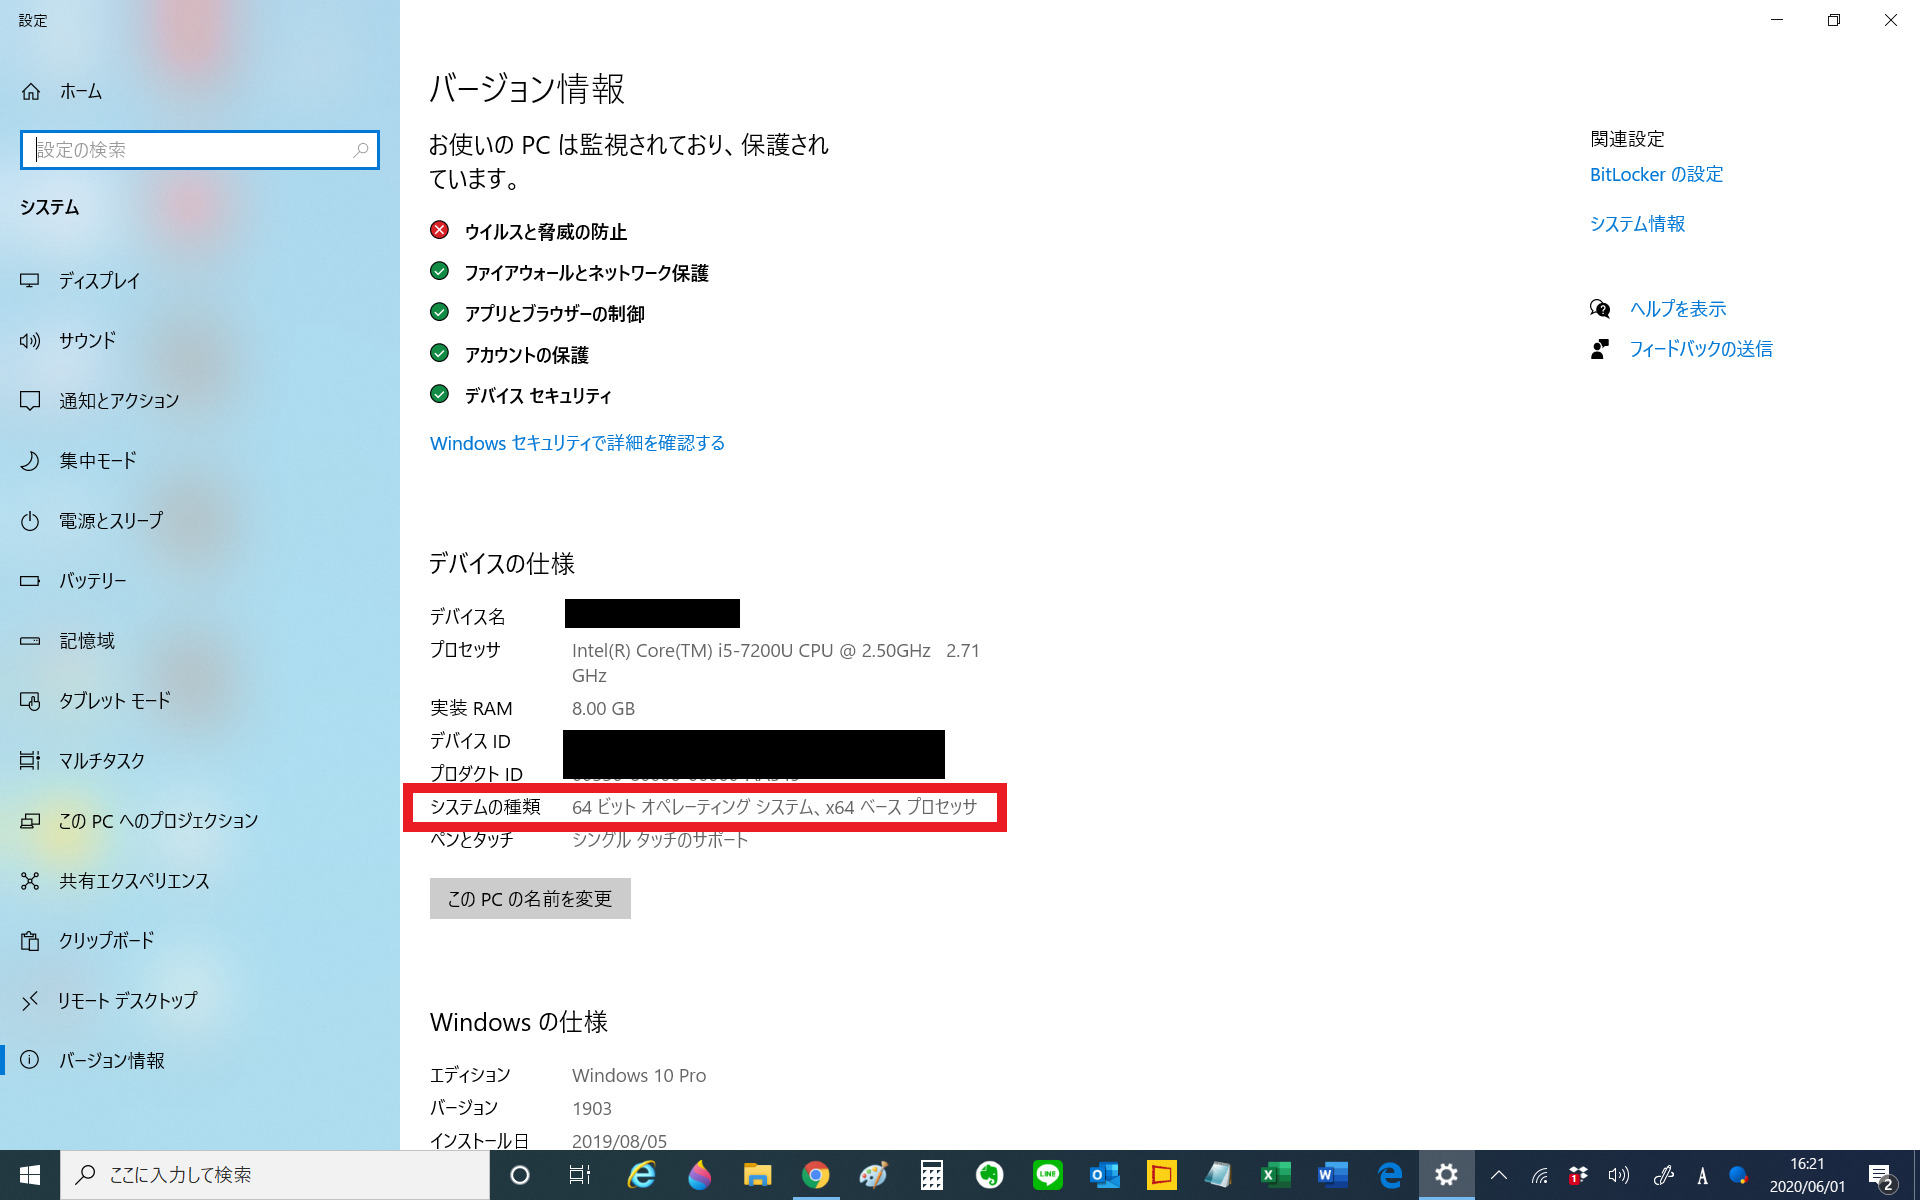 【図解】パソコンのメモリ容量を確認する方法【Windows10】